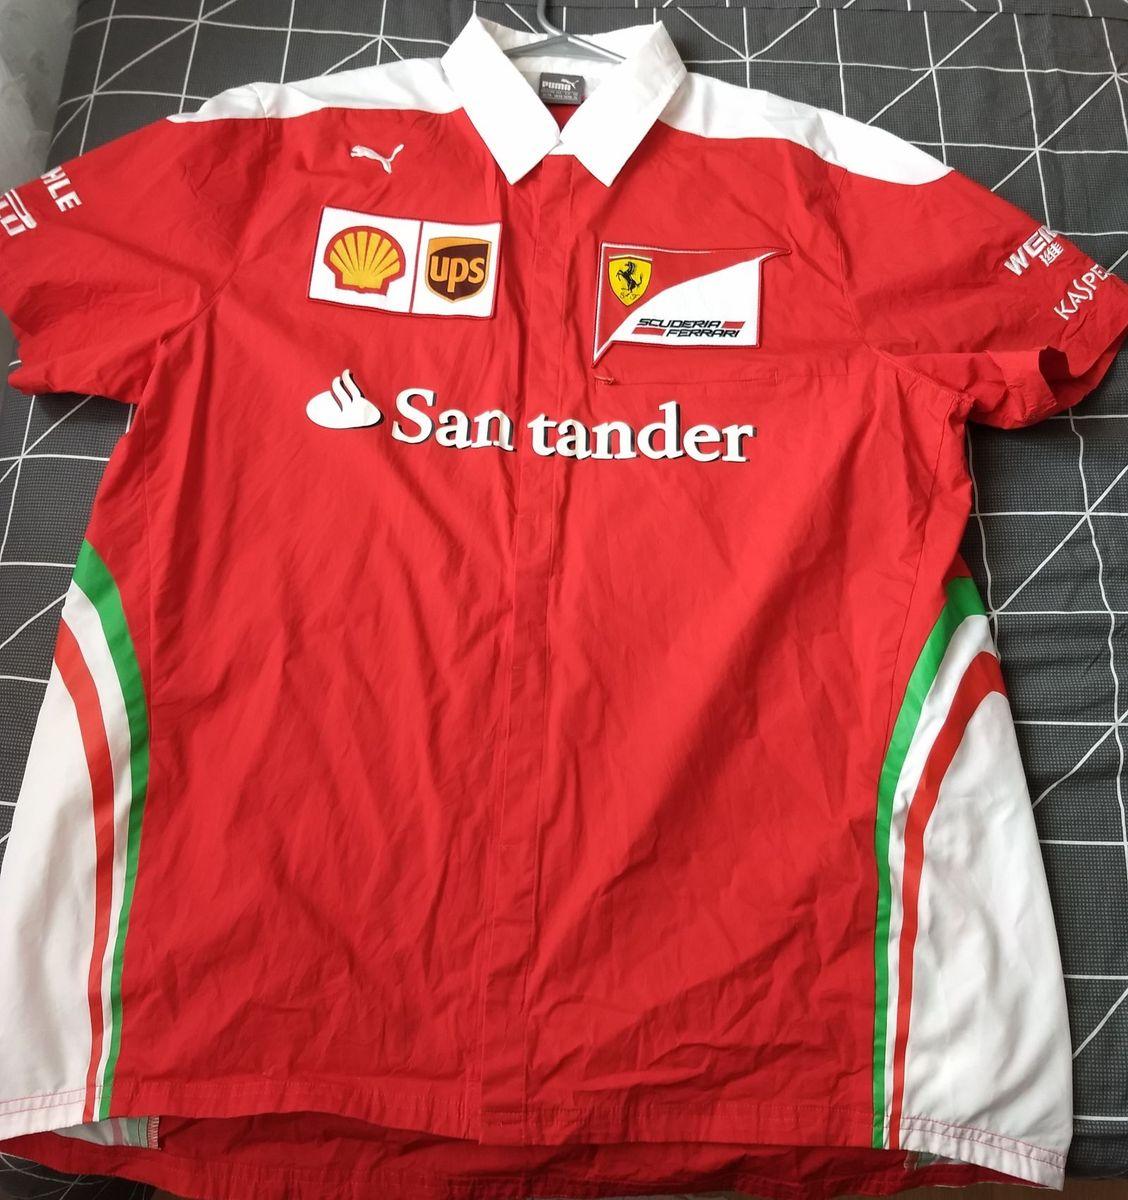 eea003aa8d camisa ferrari fórmula 1 - camisas puma.  Czm6ly9wag90b3muzw5qb2vplmnvbs5ici9wcm9kdwn0cy80mjkyntavotrizmnlmtbhnwm5njviogm0ndq1y2y3nwm4odu4yjauanbn  ...